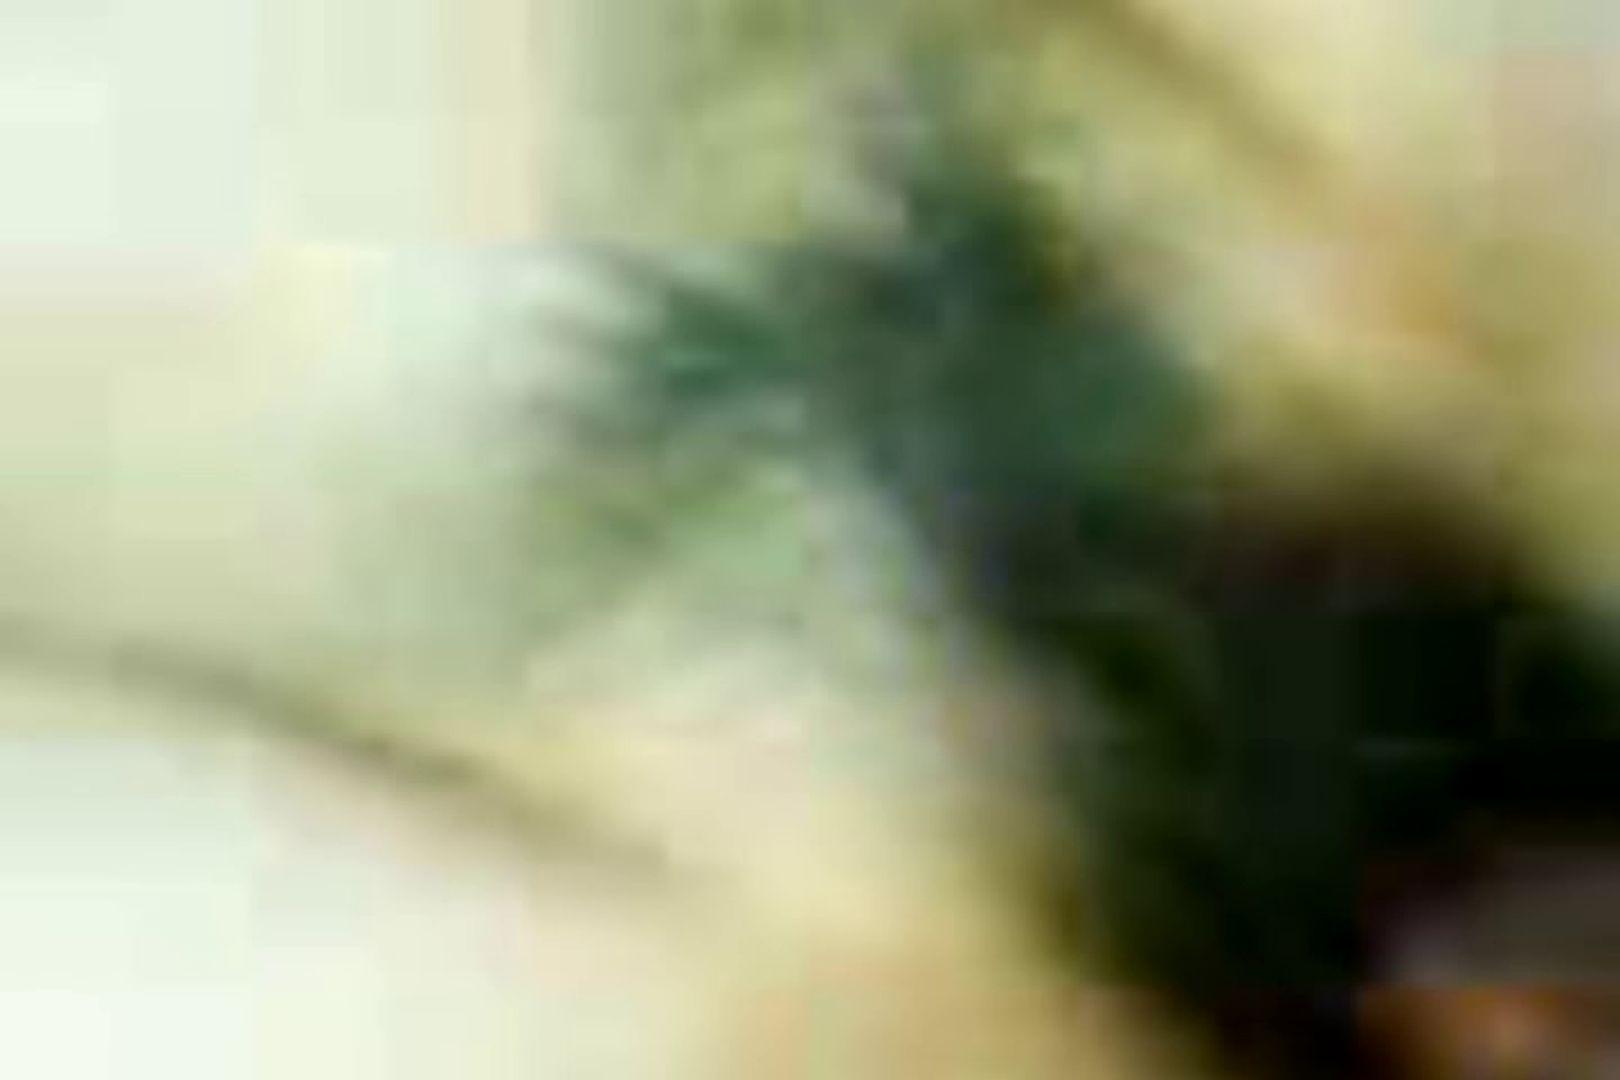 ウイルス流出 串田良祐と小学校教諭のハメ撮りアルバム 学校の中は、、  75連発 48